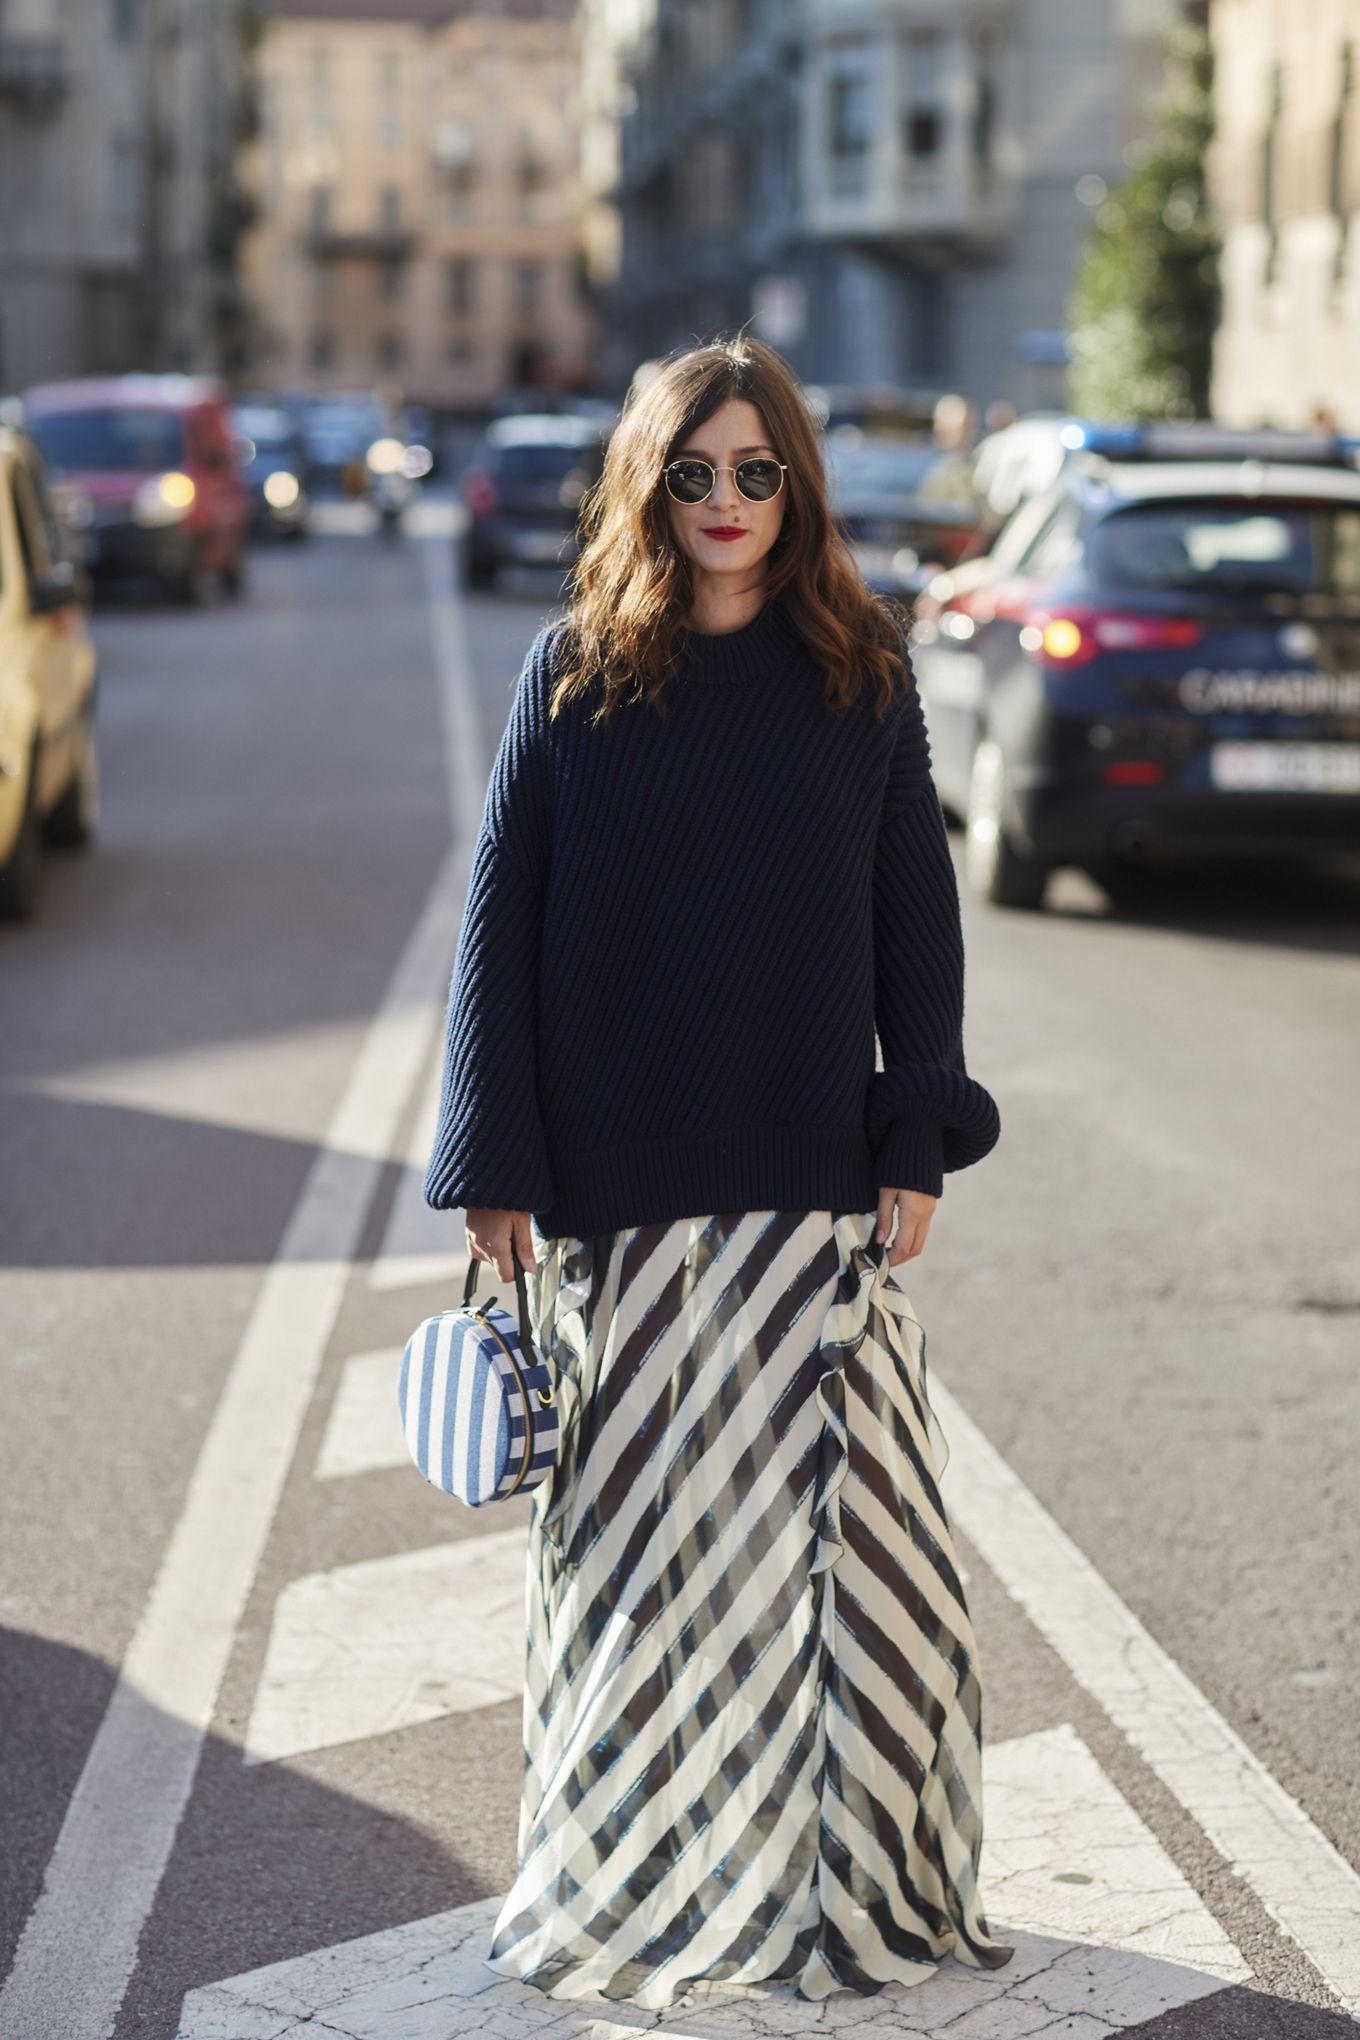 Dai una chance al tuo maglione oversize del liceo: indossalo come se fosse il pezzo più sexy del tuo look e non potrai più farne a meno